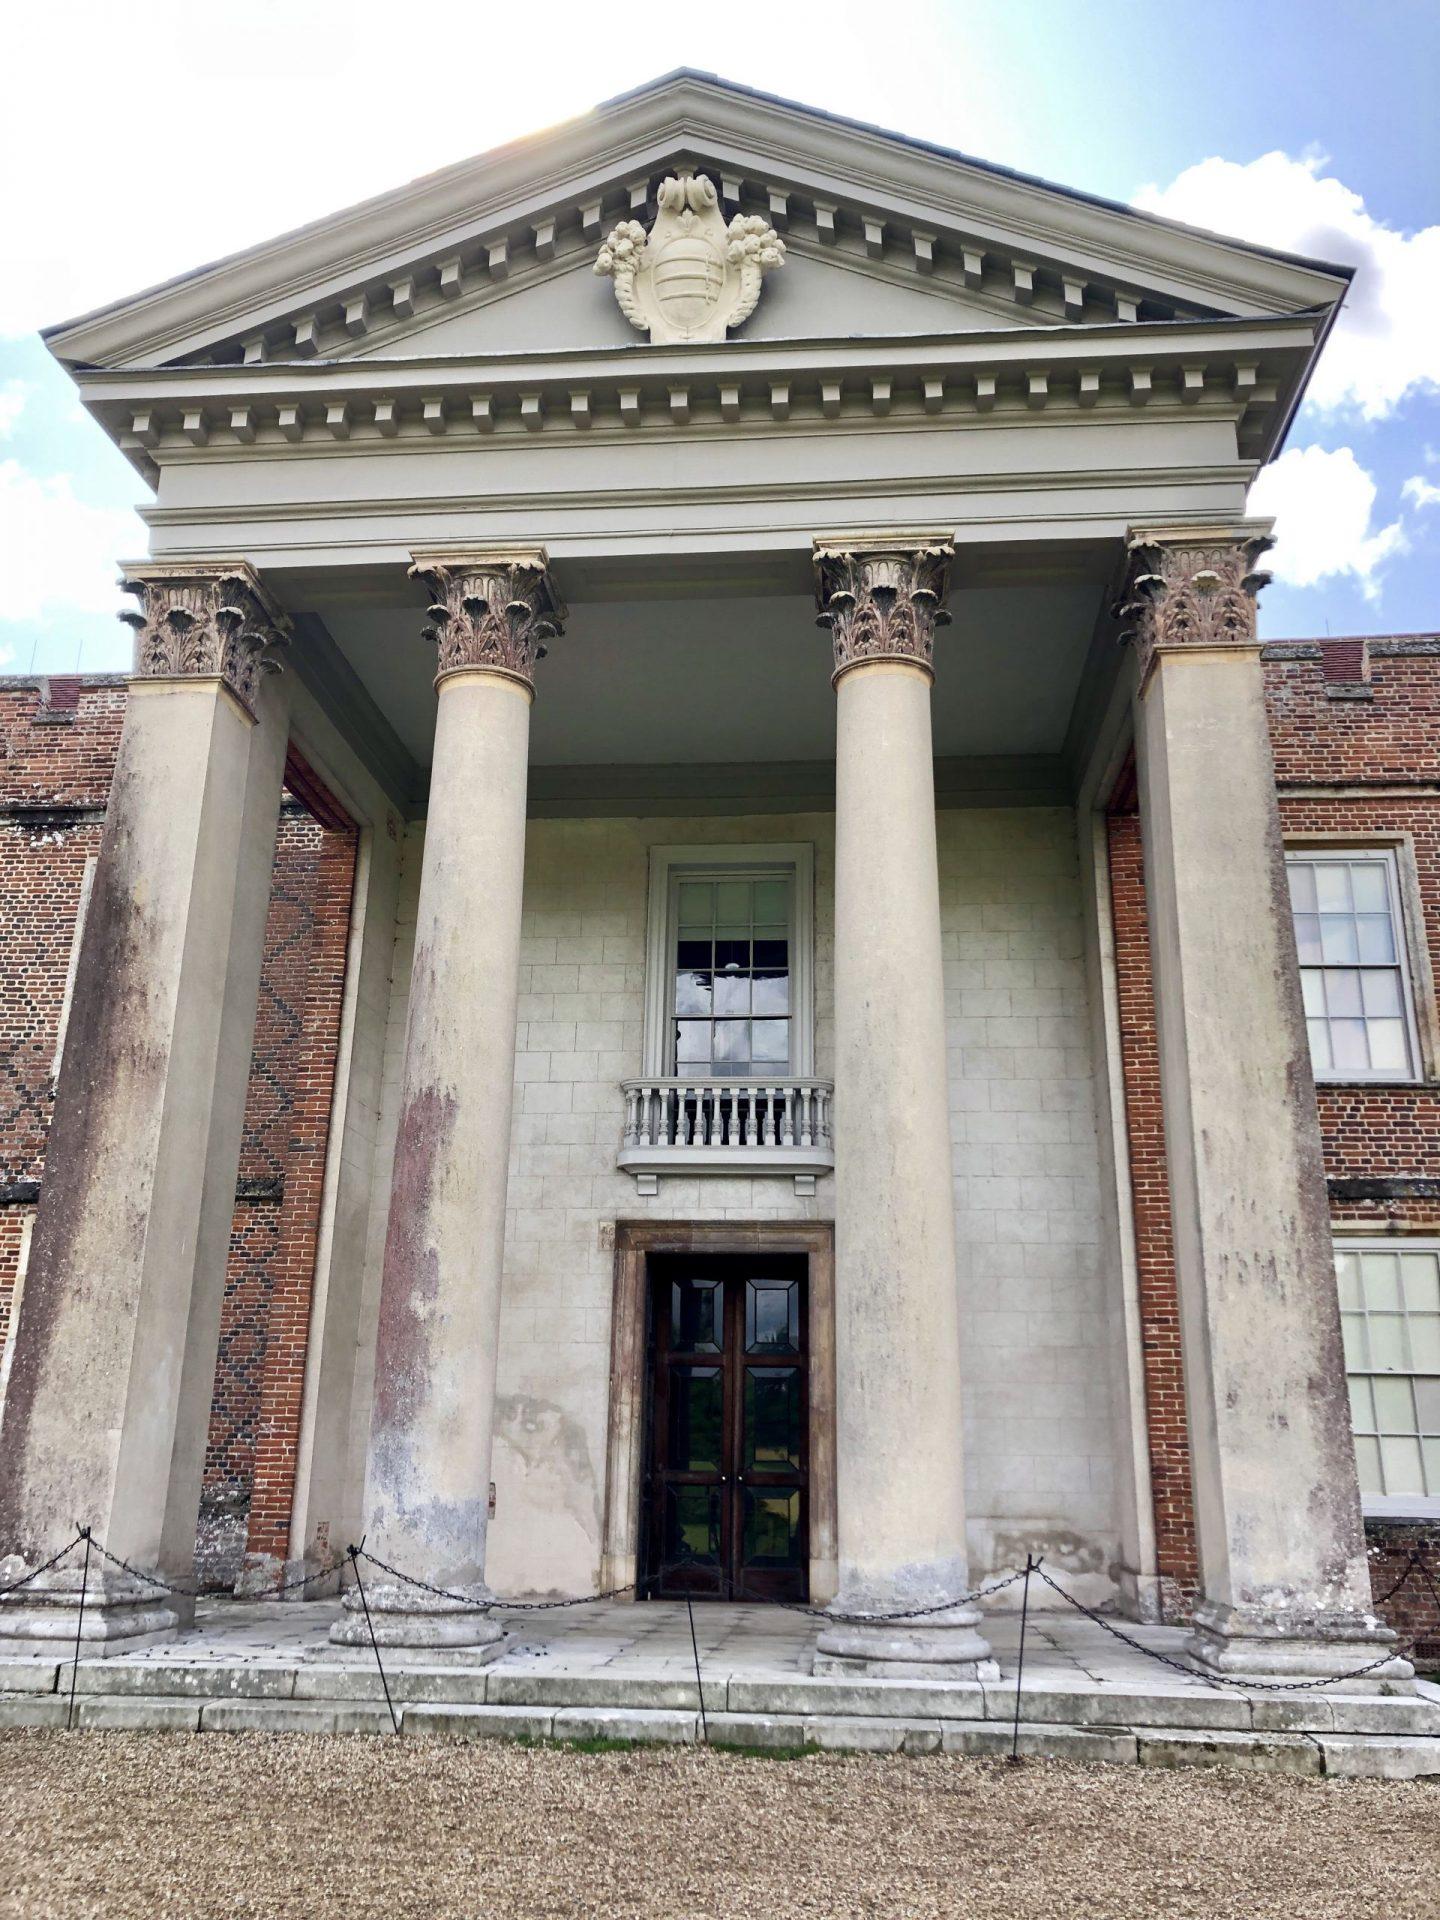 The original entrance to The Vyne